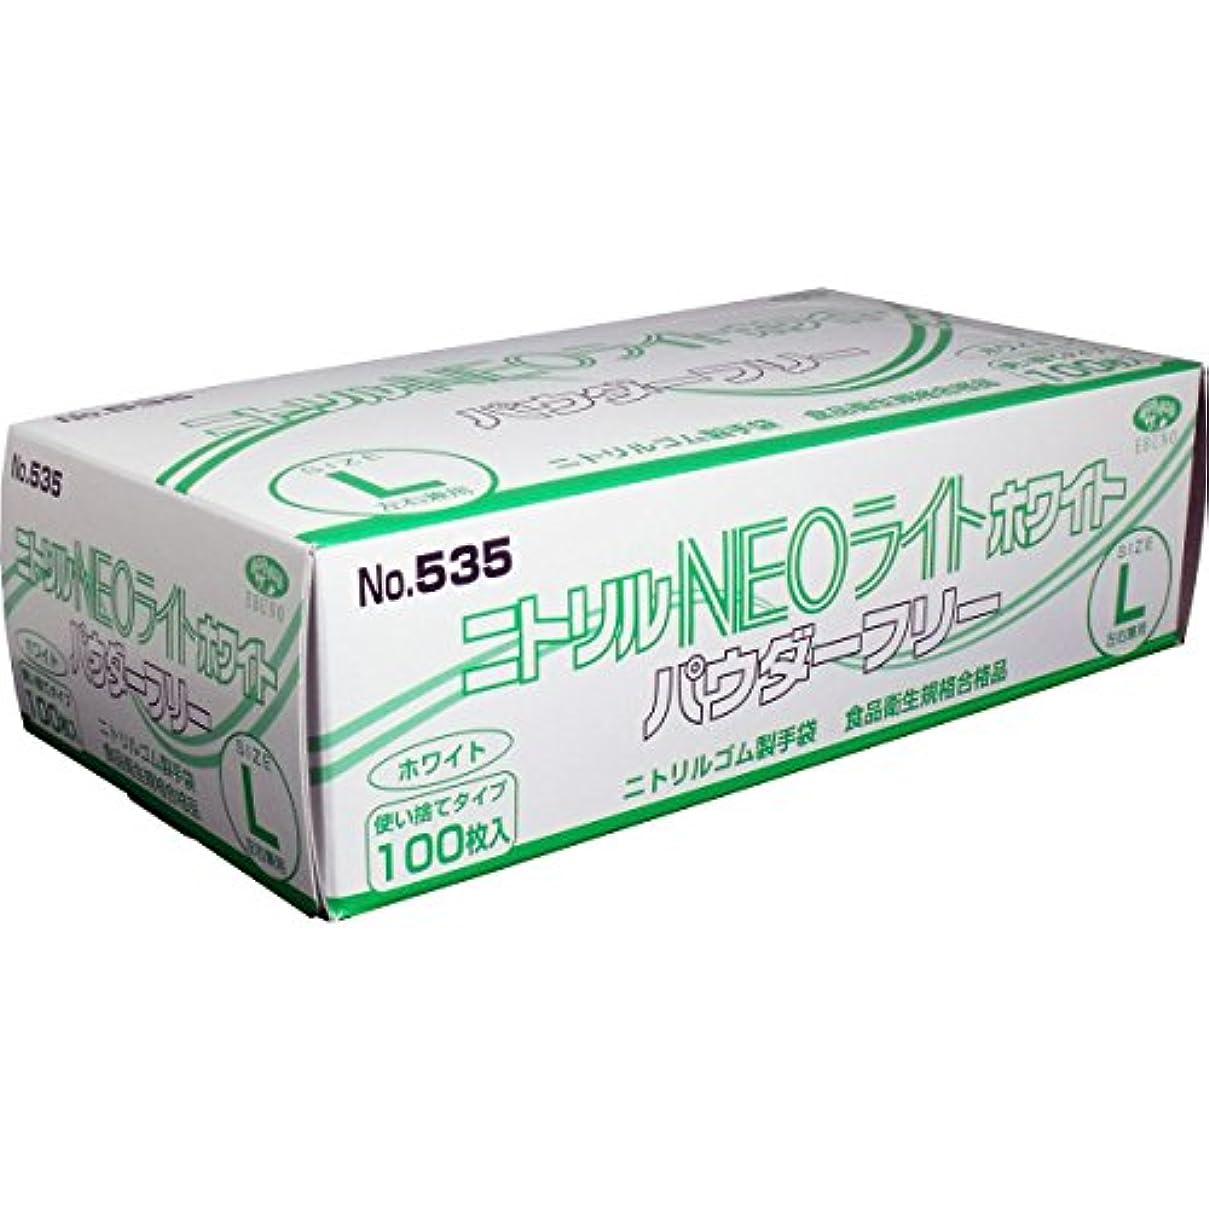 成熟リンクみすぼらしいニトリル手袋 NEOライト パウダーフリー ホワイト Lサイズ 100枚入(単品)